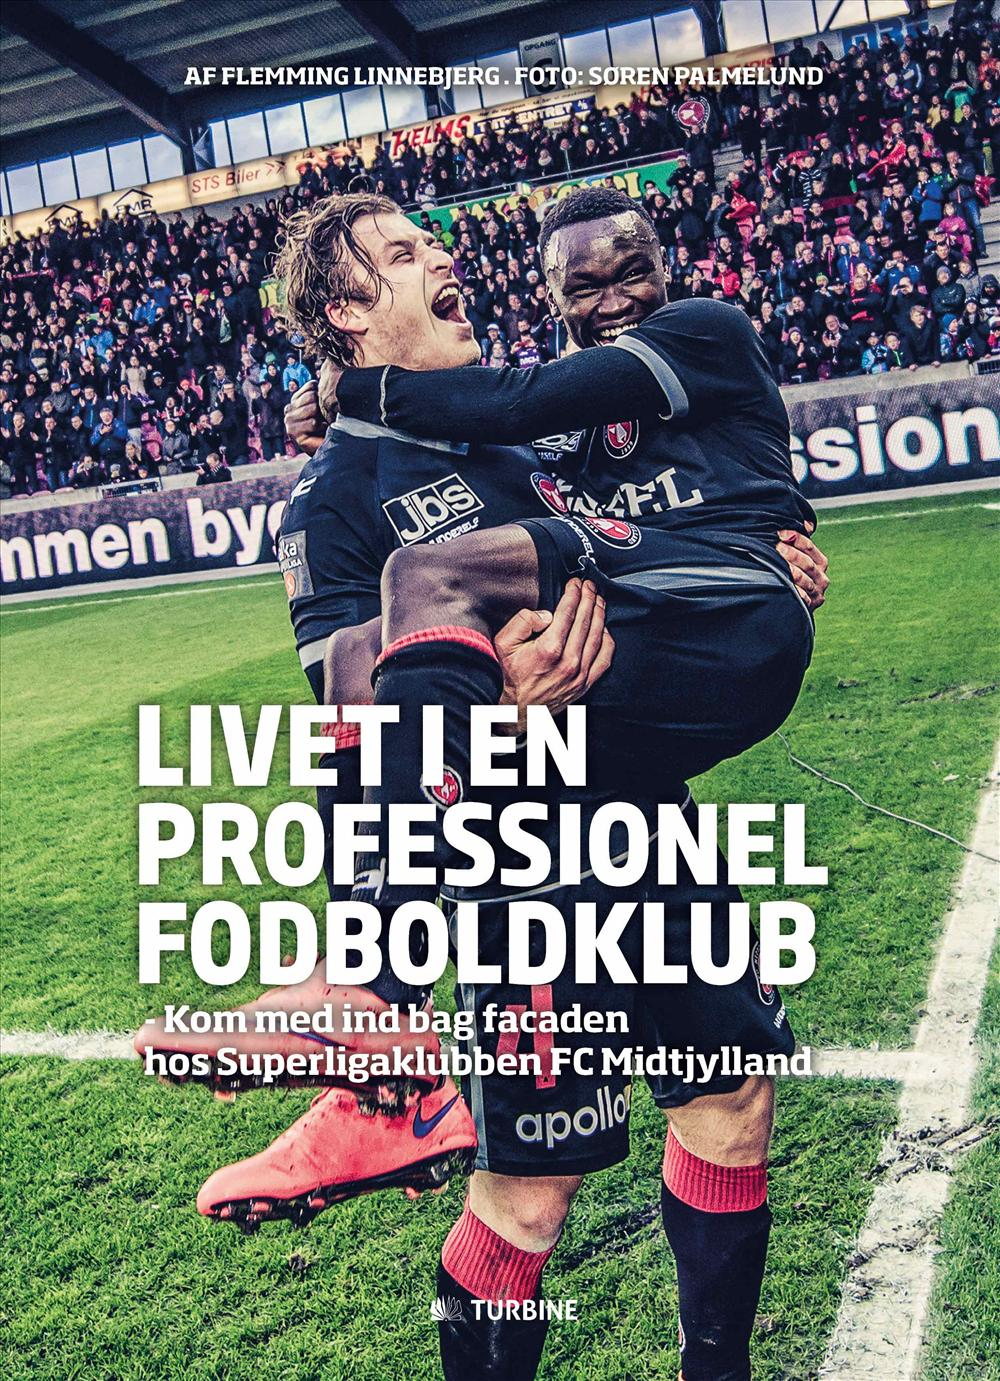 Livet i en professionel fodboldklub